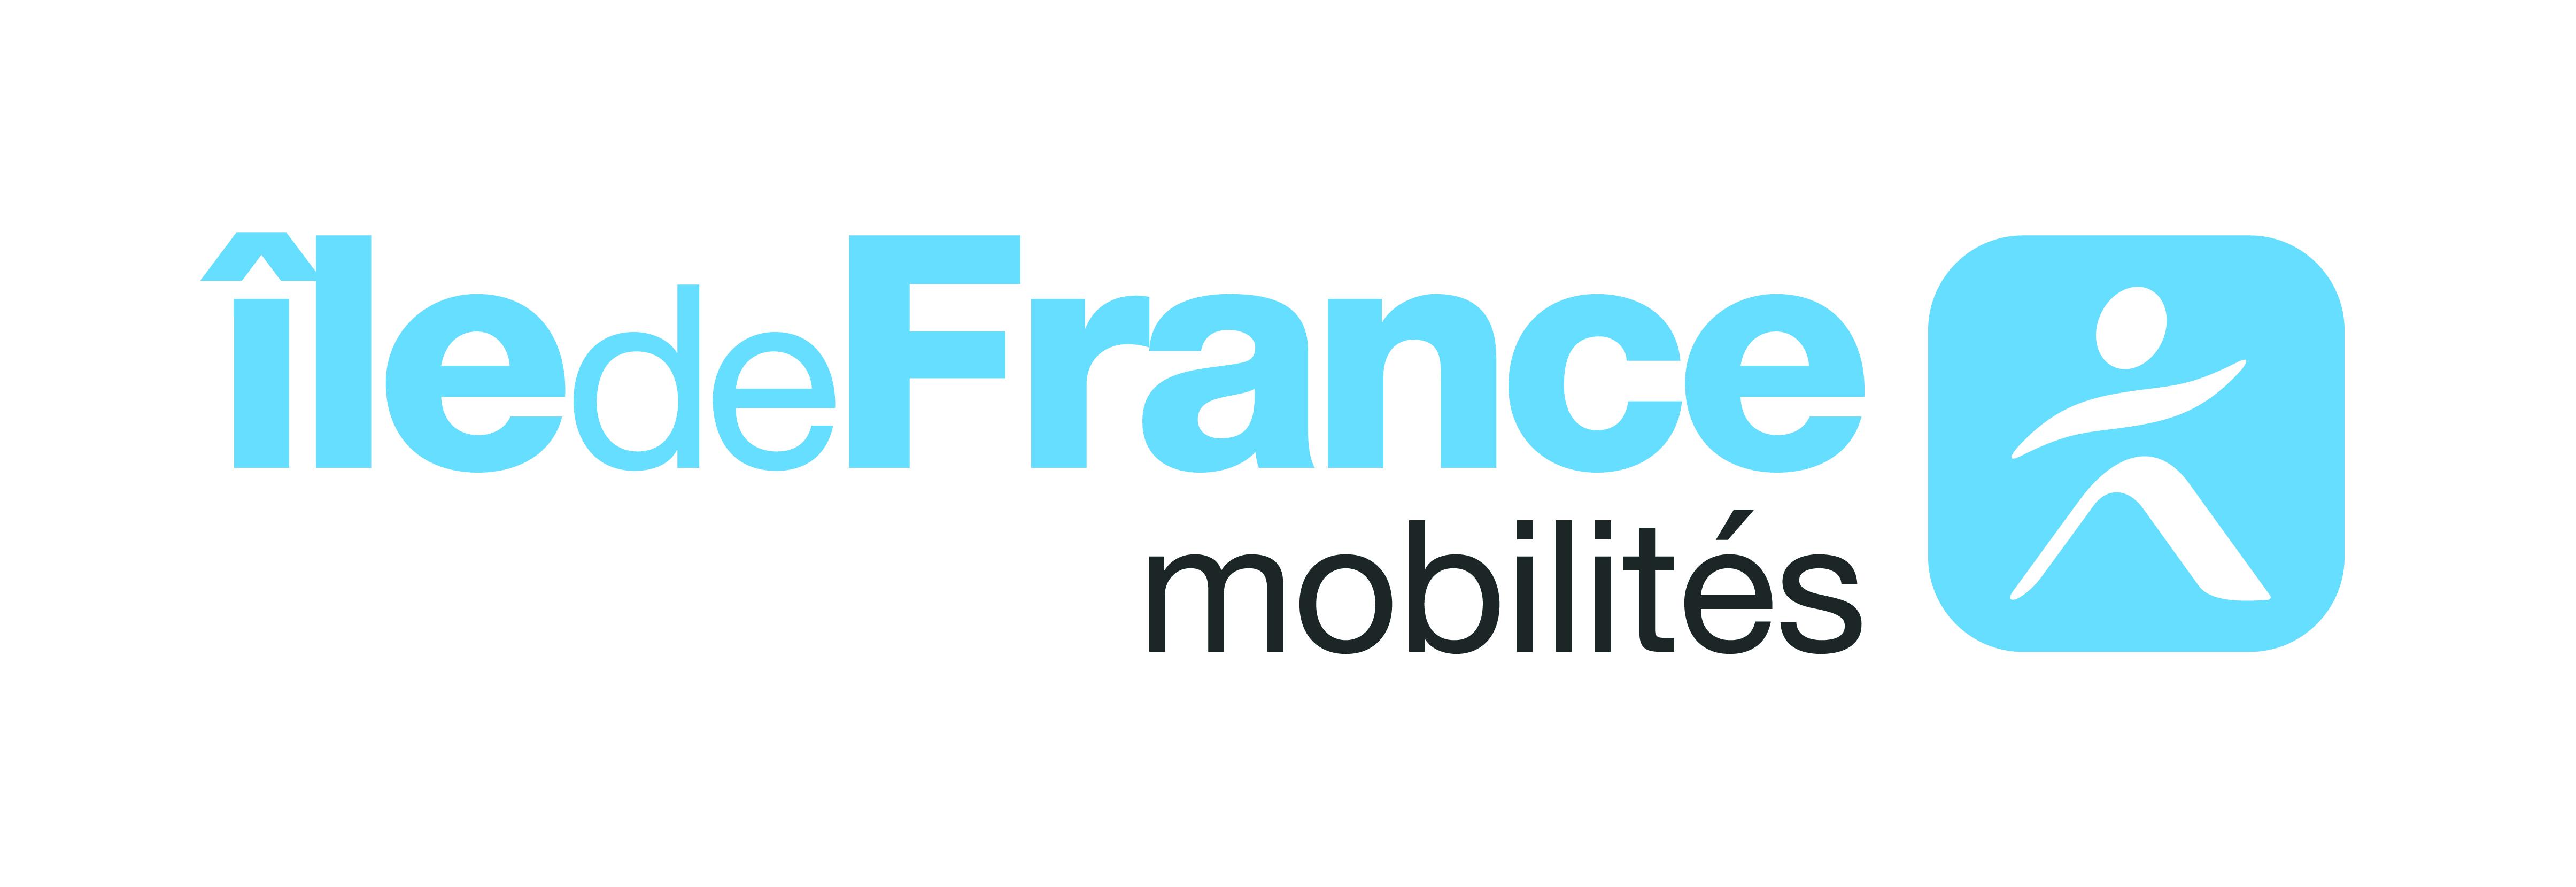 offre d u0026 39 emploi ile de france mobilites    stif